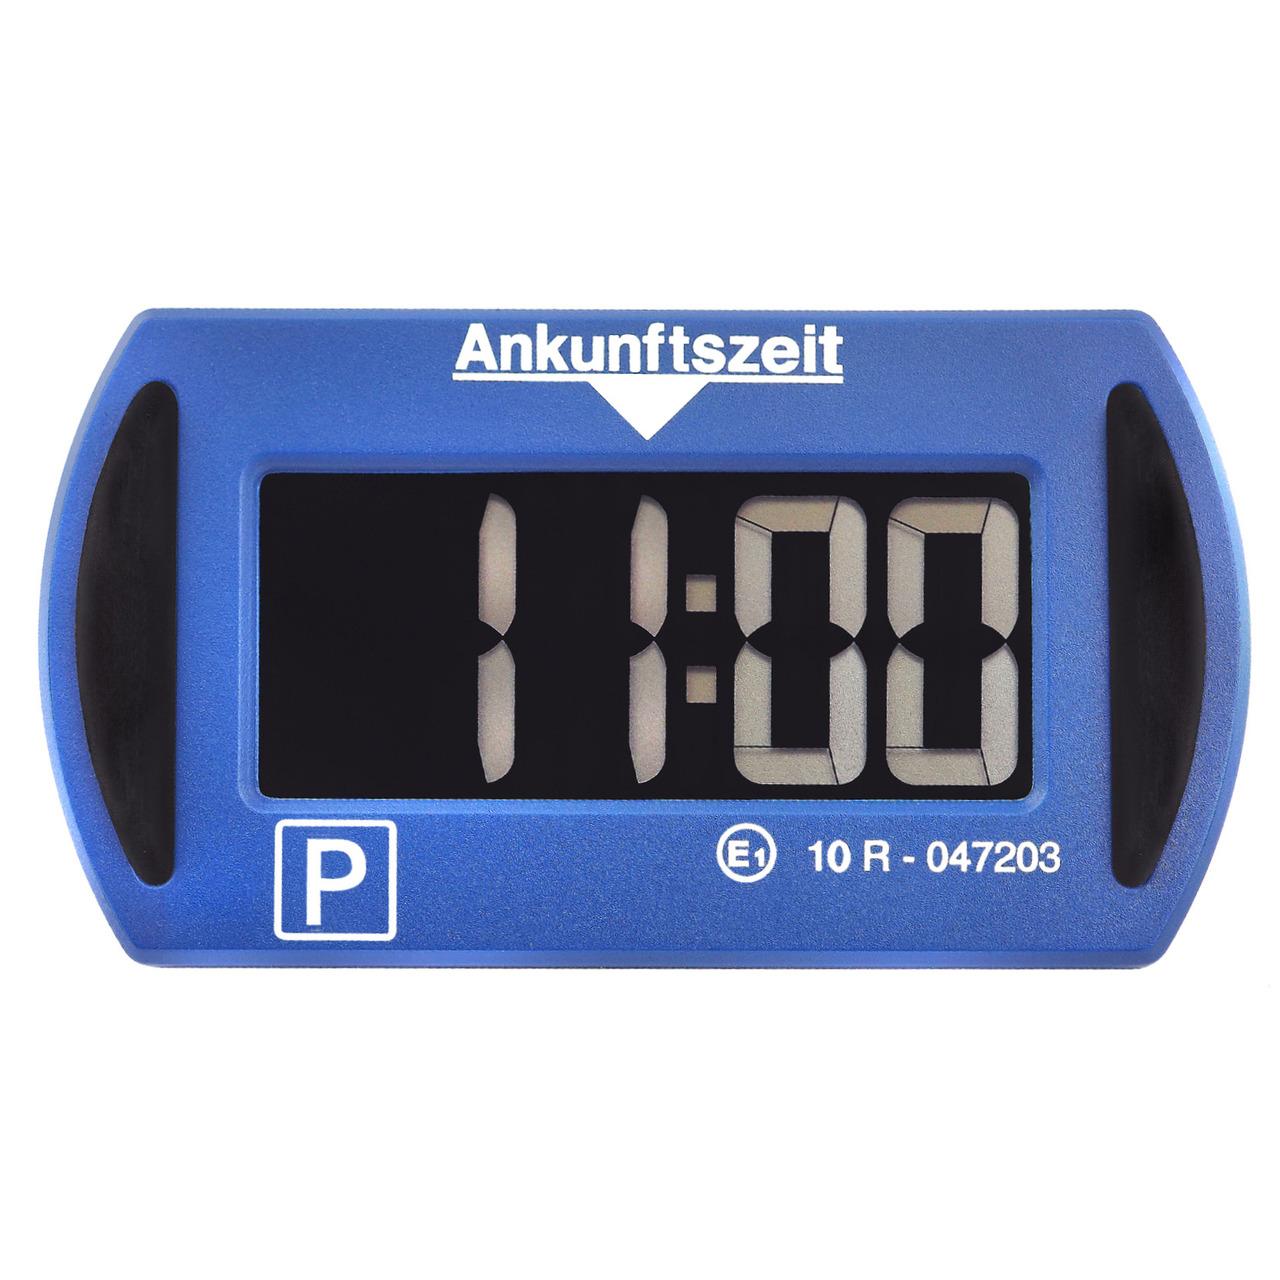 Needit Digitale Parkscheibe PARK MINI- automatische Parkzeiteinstellung- blau